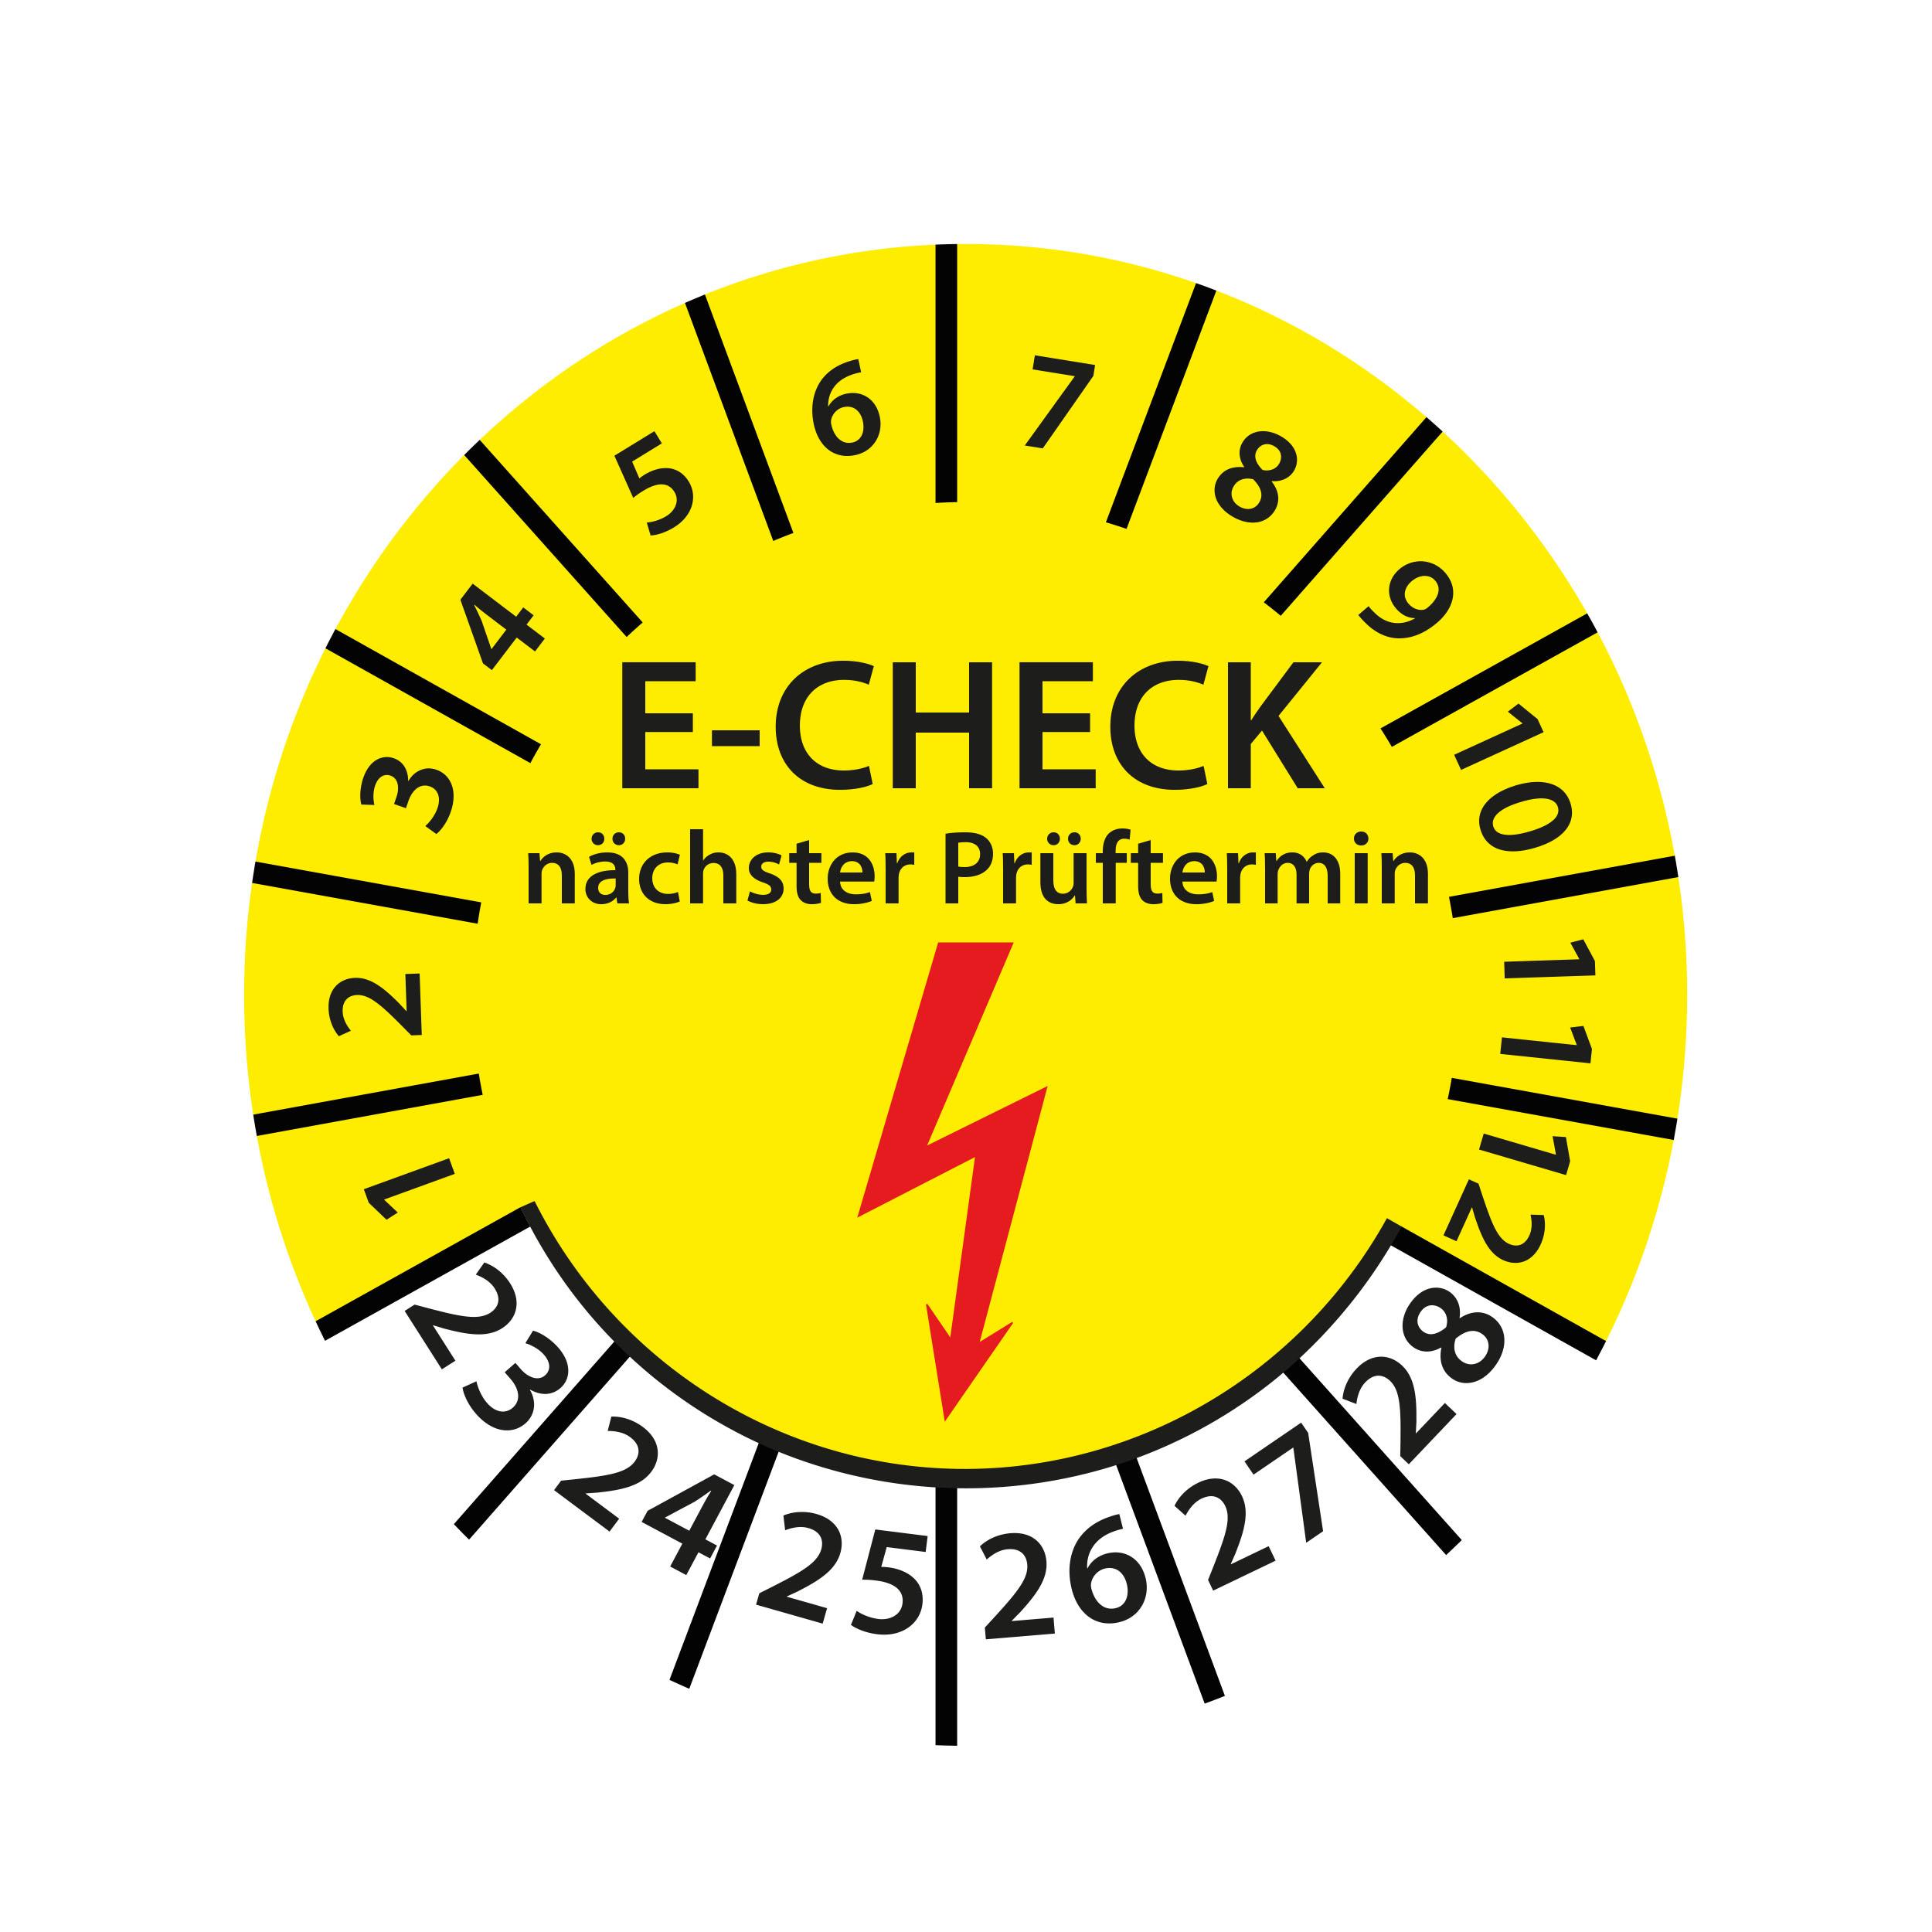 Prüfplakette E-Check Elektro Wartung STK MTK DGUV Vorschrift 3 Nächster Prüftermin geprüft gemäß VDE 2023-2028 Ø 30mm Rund Gelb